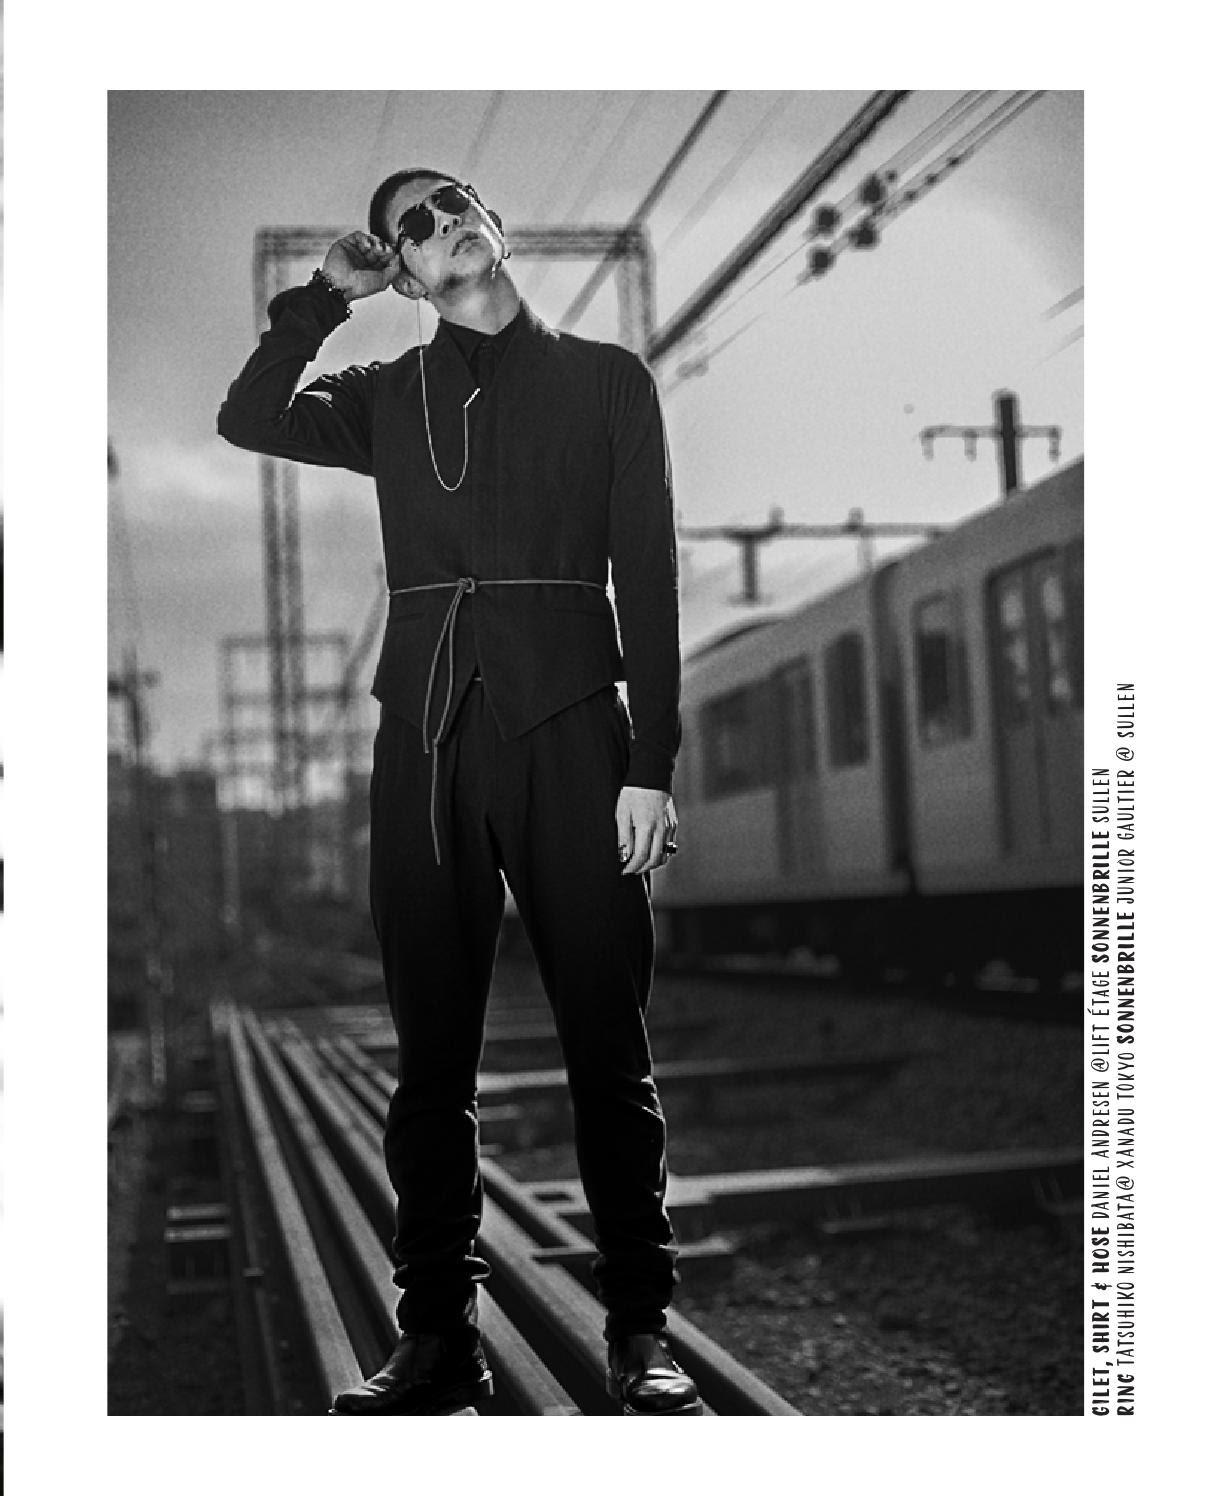 Taiki Takahashi for Vangardist Magazine